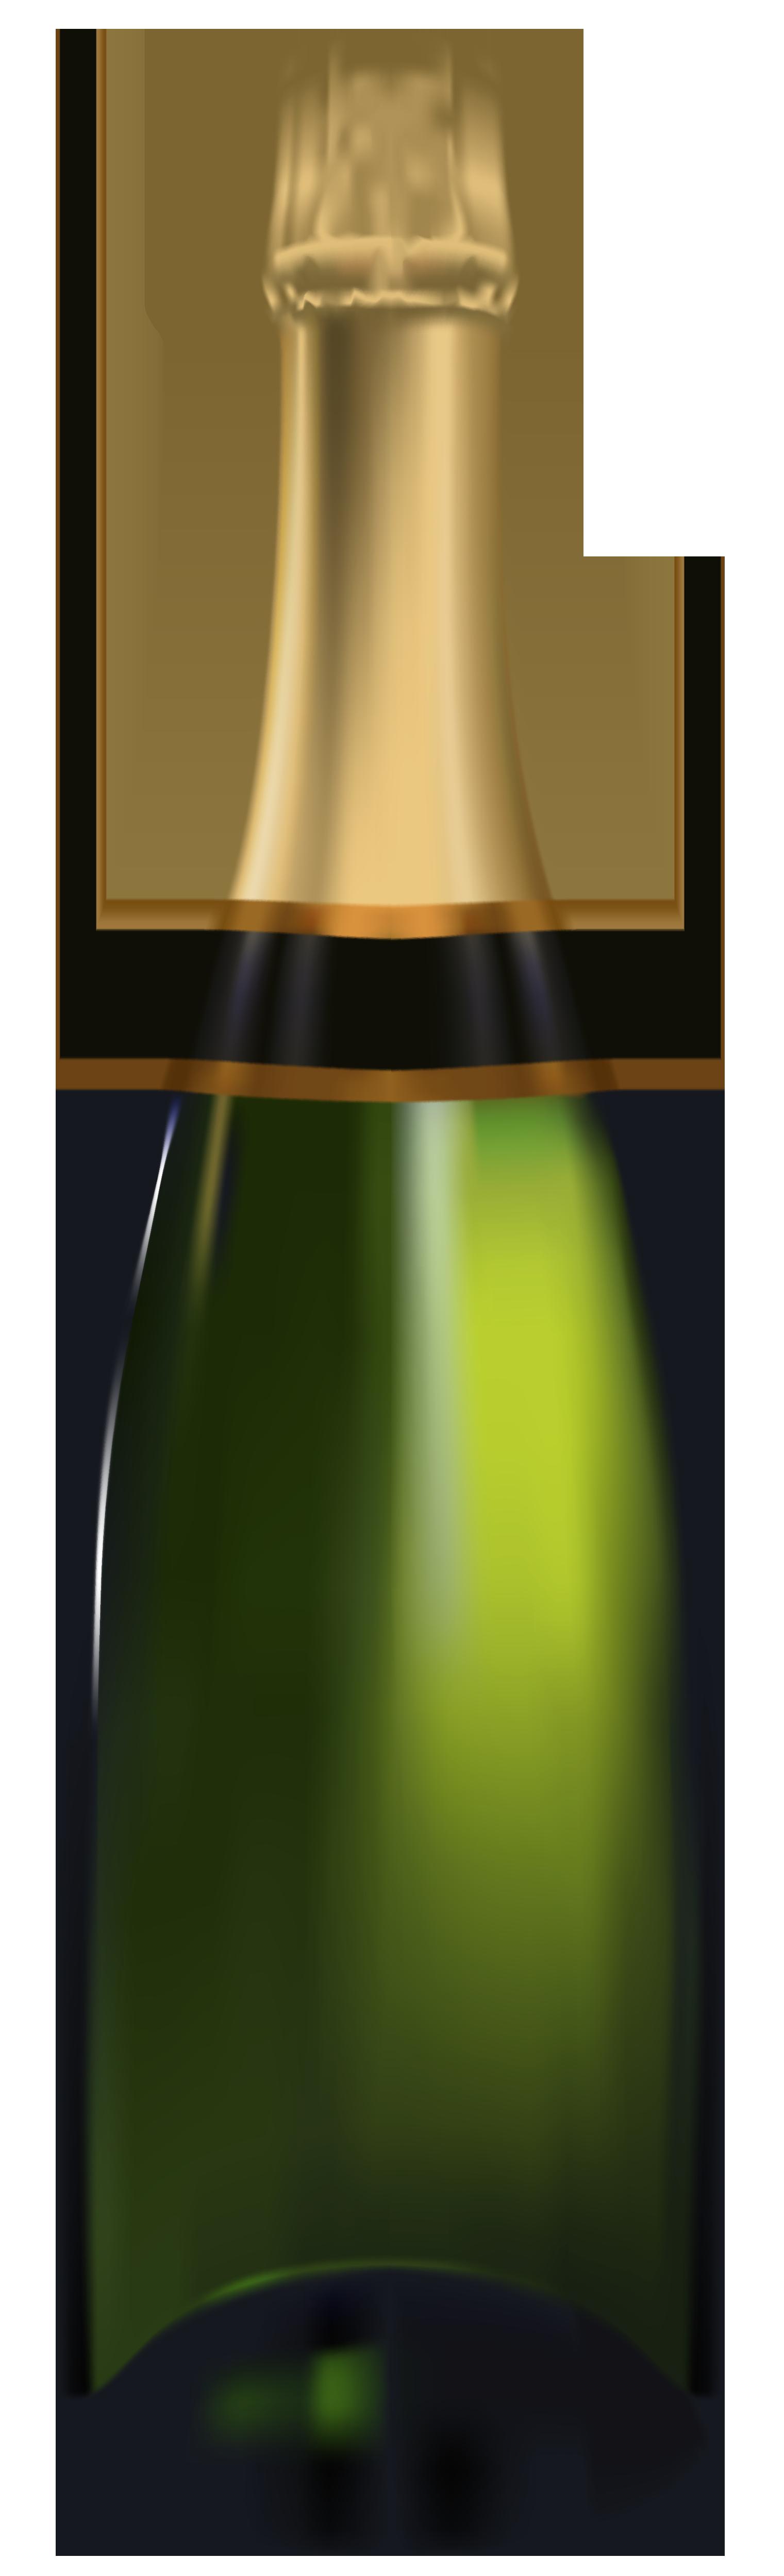 Bottle Png 3 PNG Image - Bottle PNG